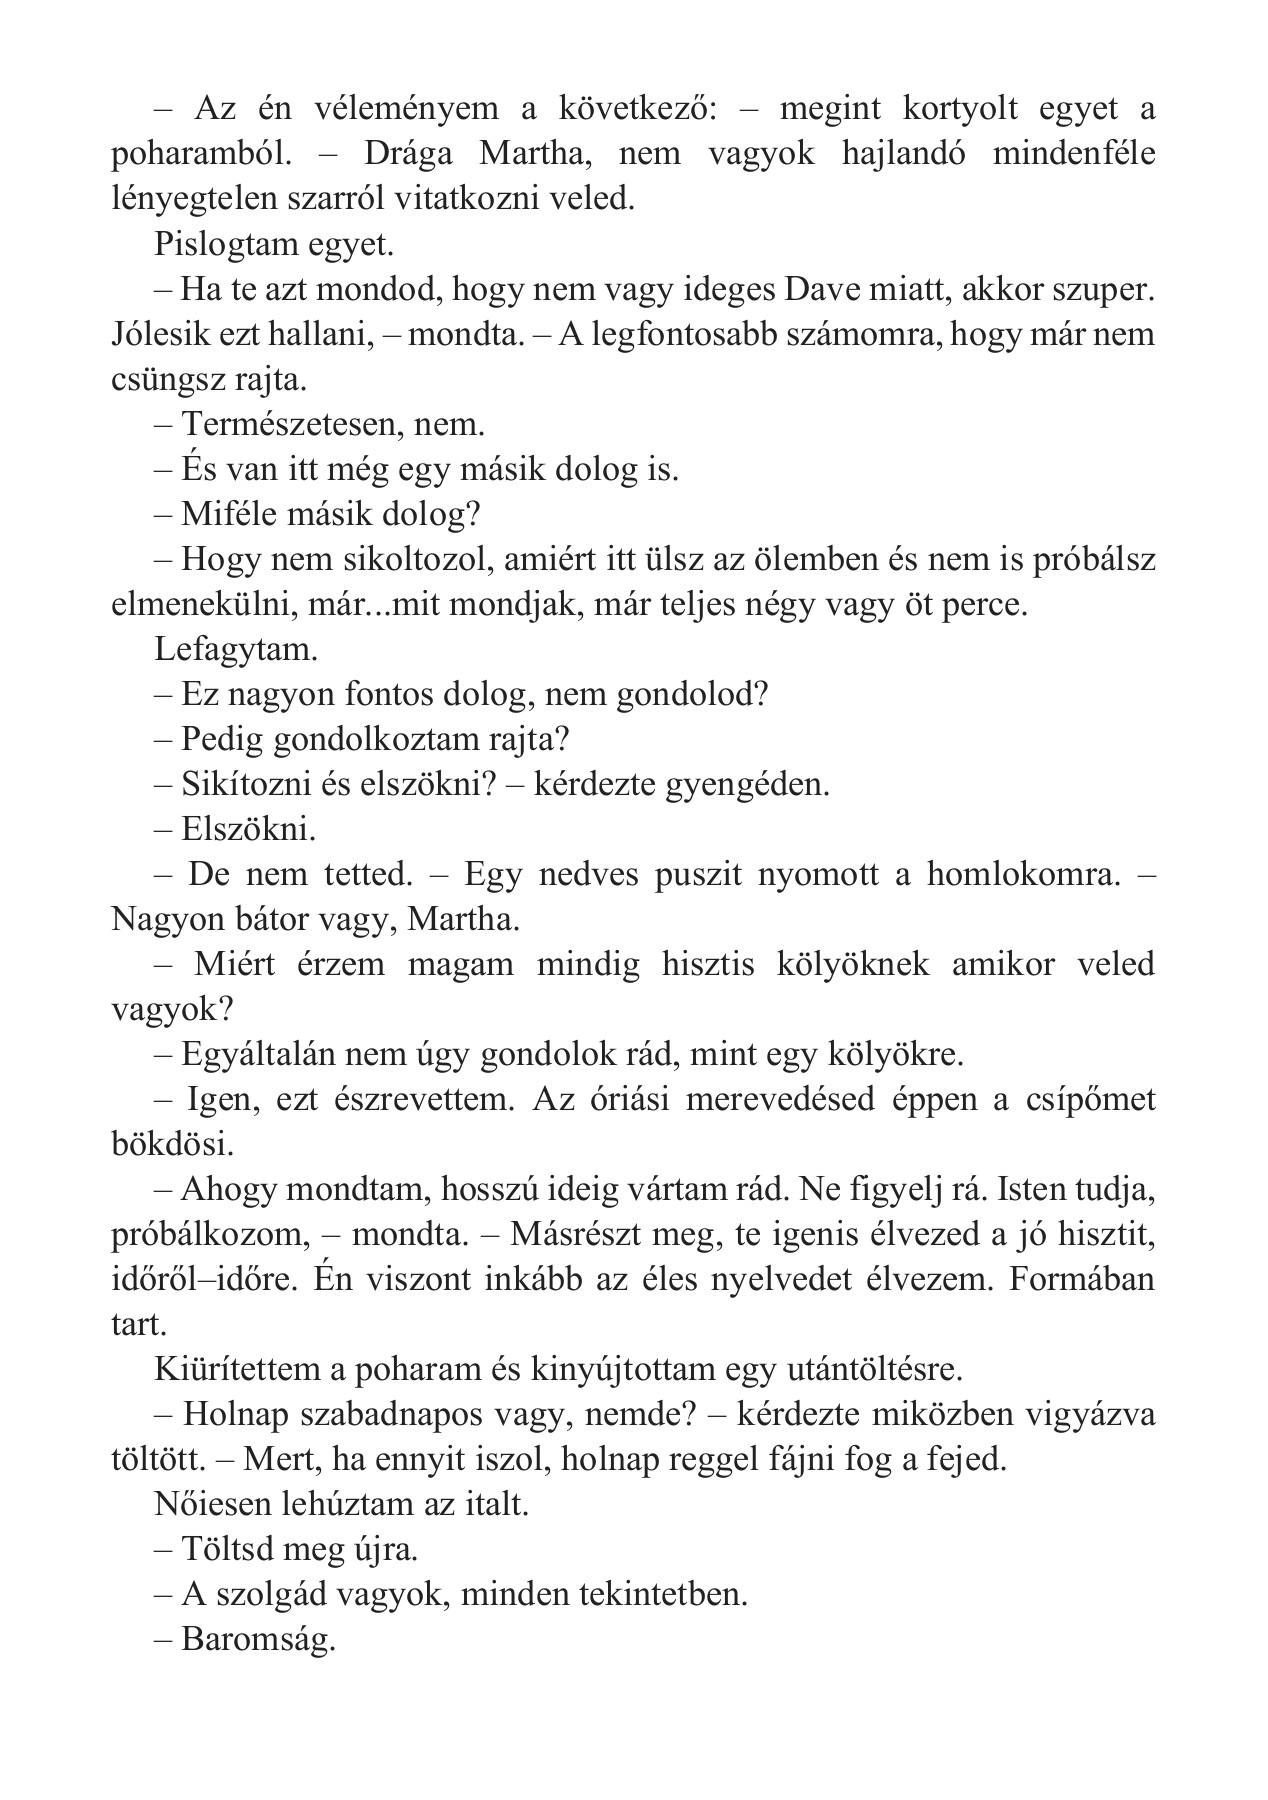 Magyar Narancs - Publicisztika - Függöny